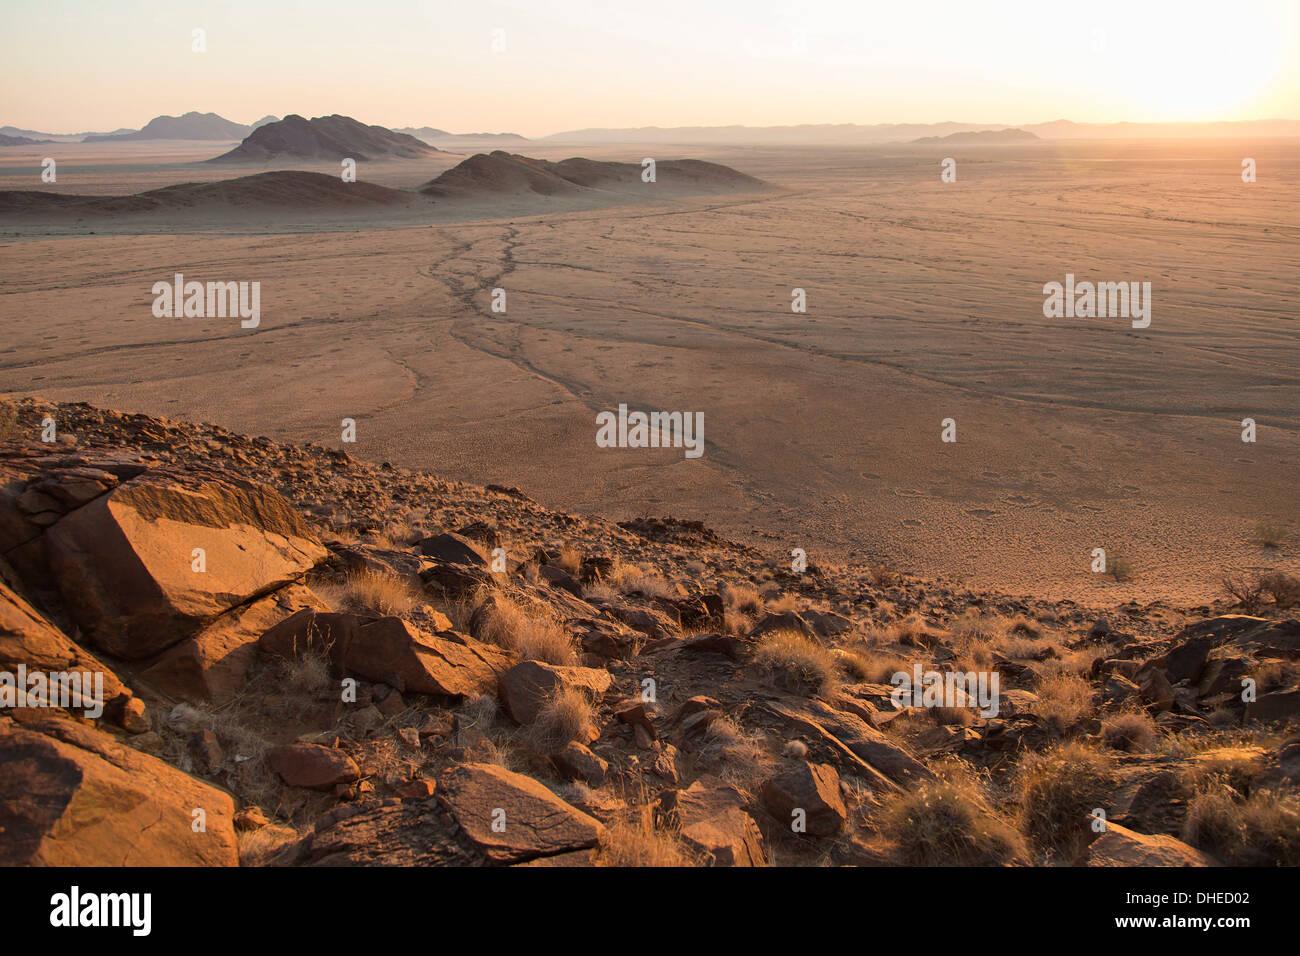 Namib Naukluft landscape, Namibia, Africa - Stock Image